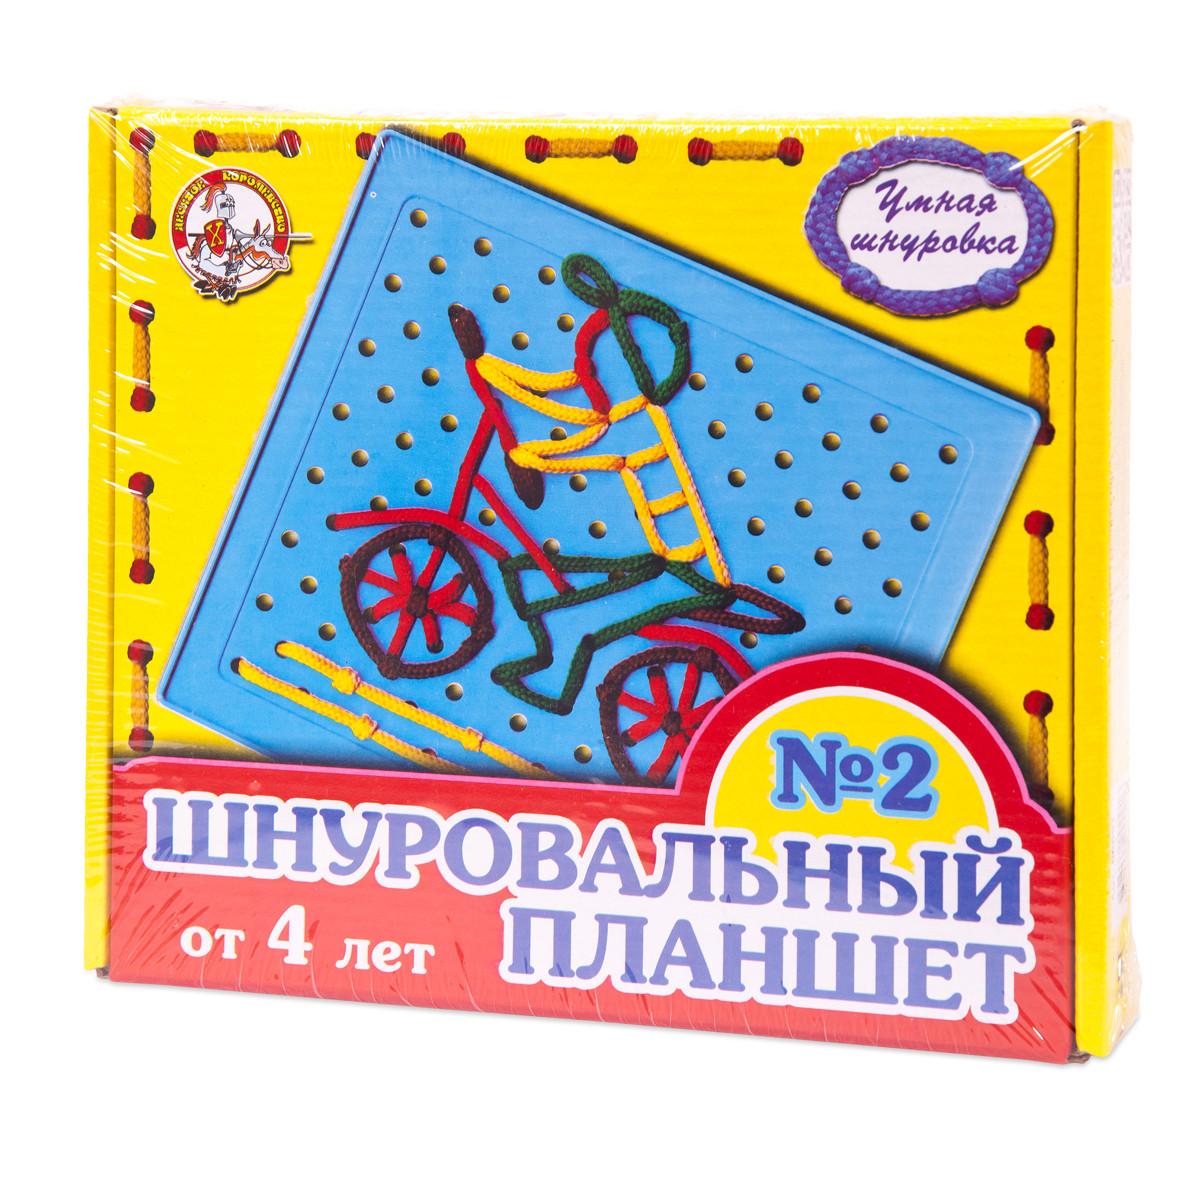 Планшет Десятое королевство Шнуровальный-2